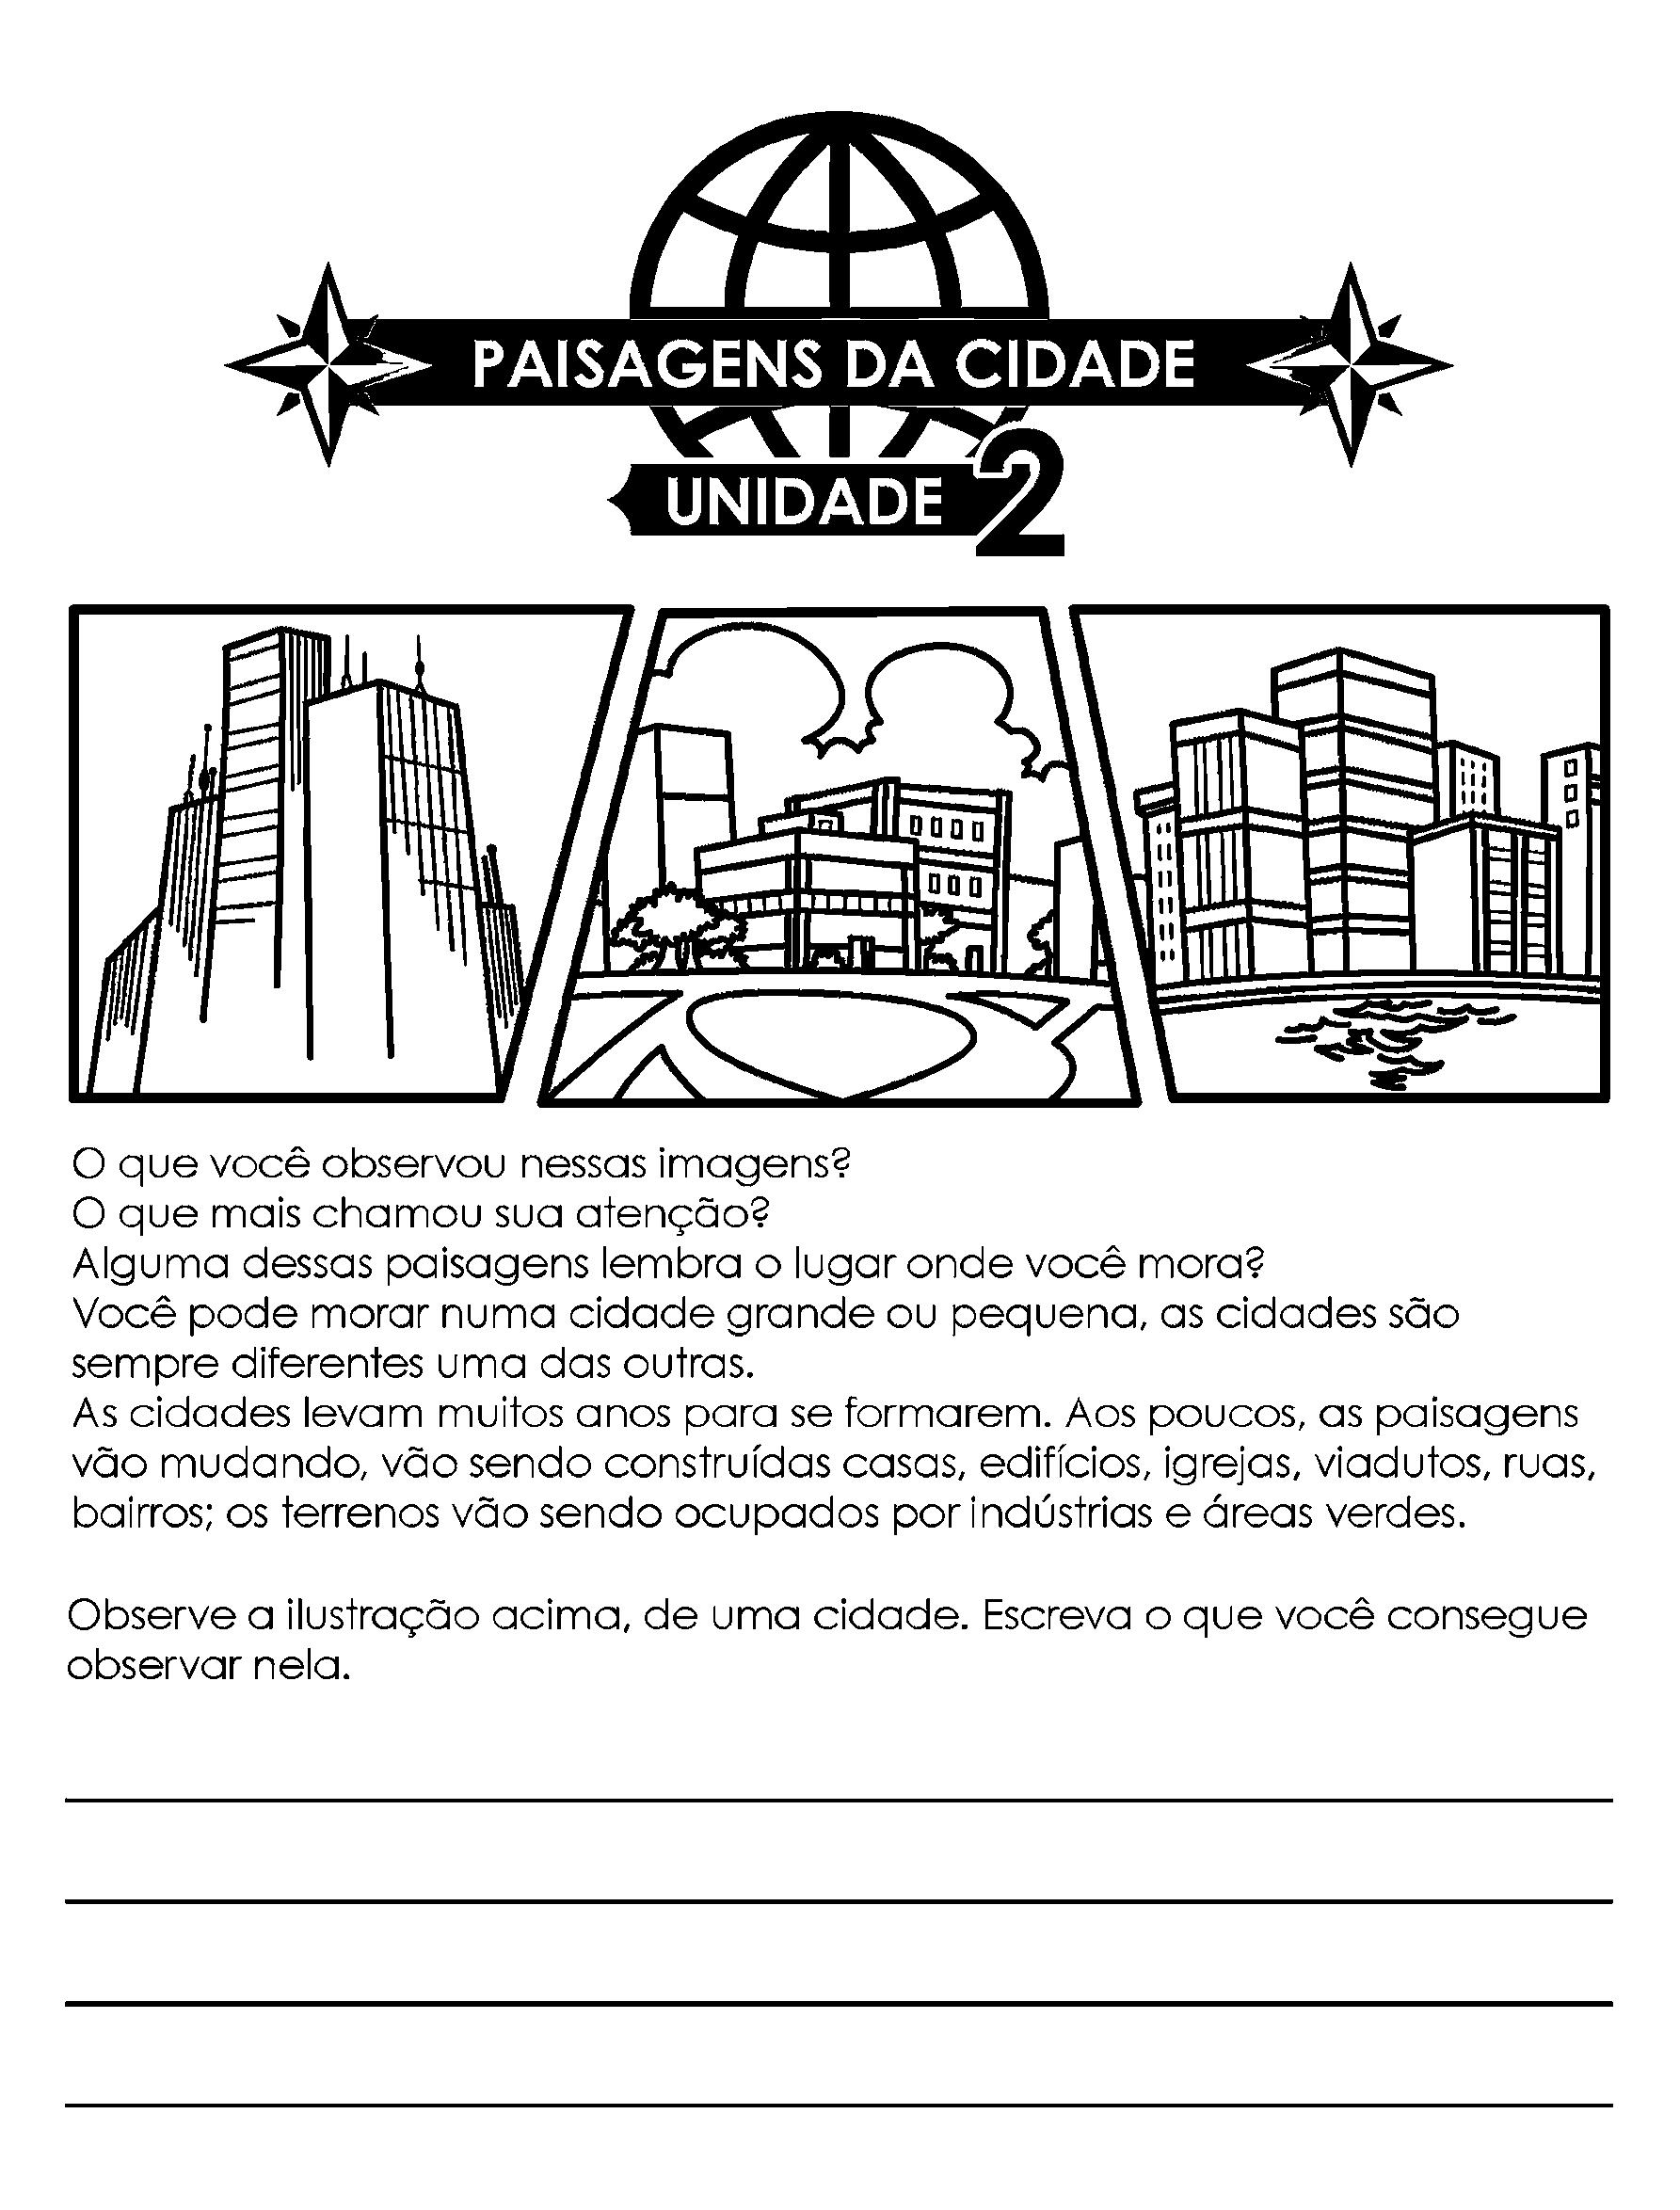 Paisagens da cidade - Introdução